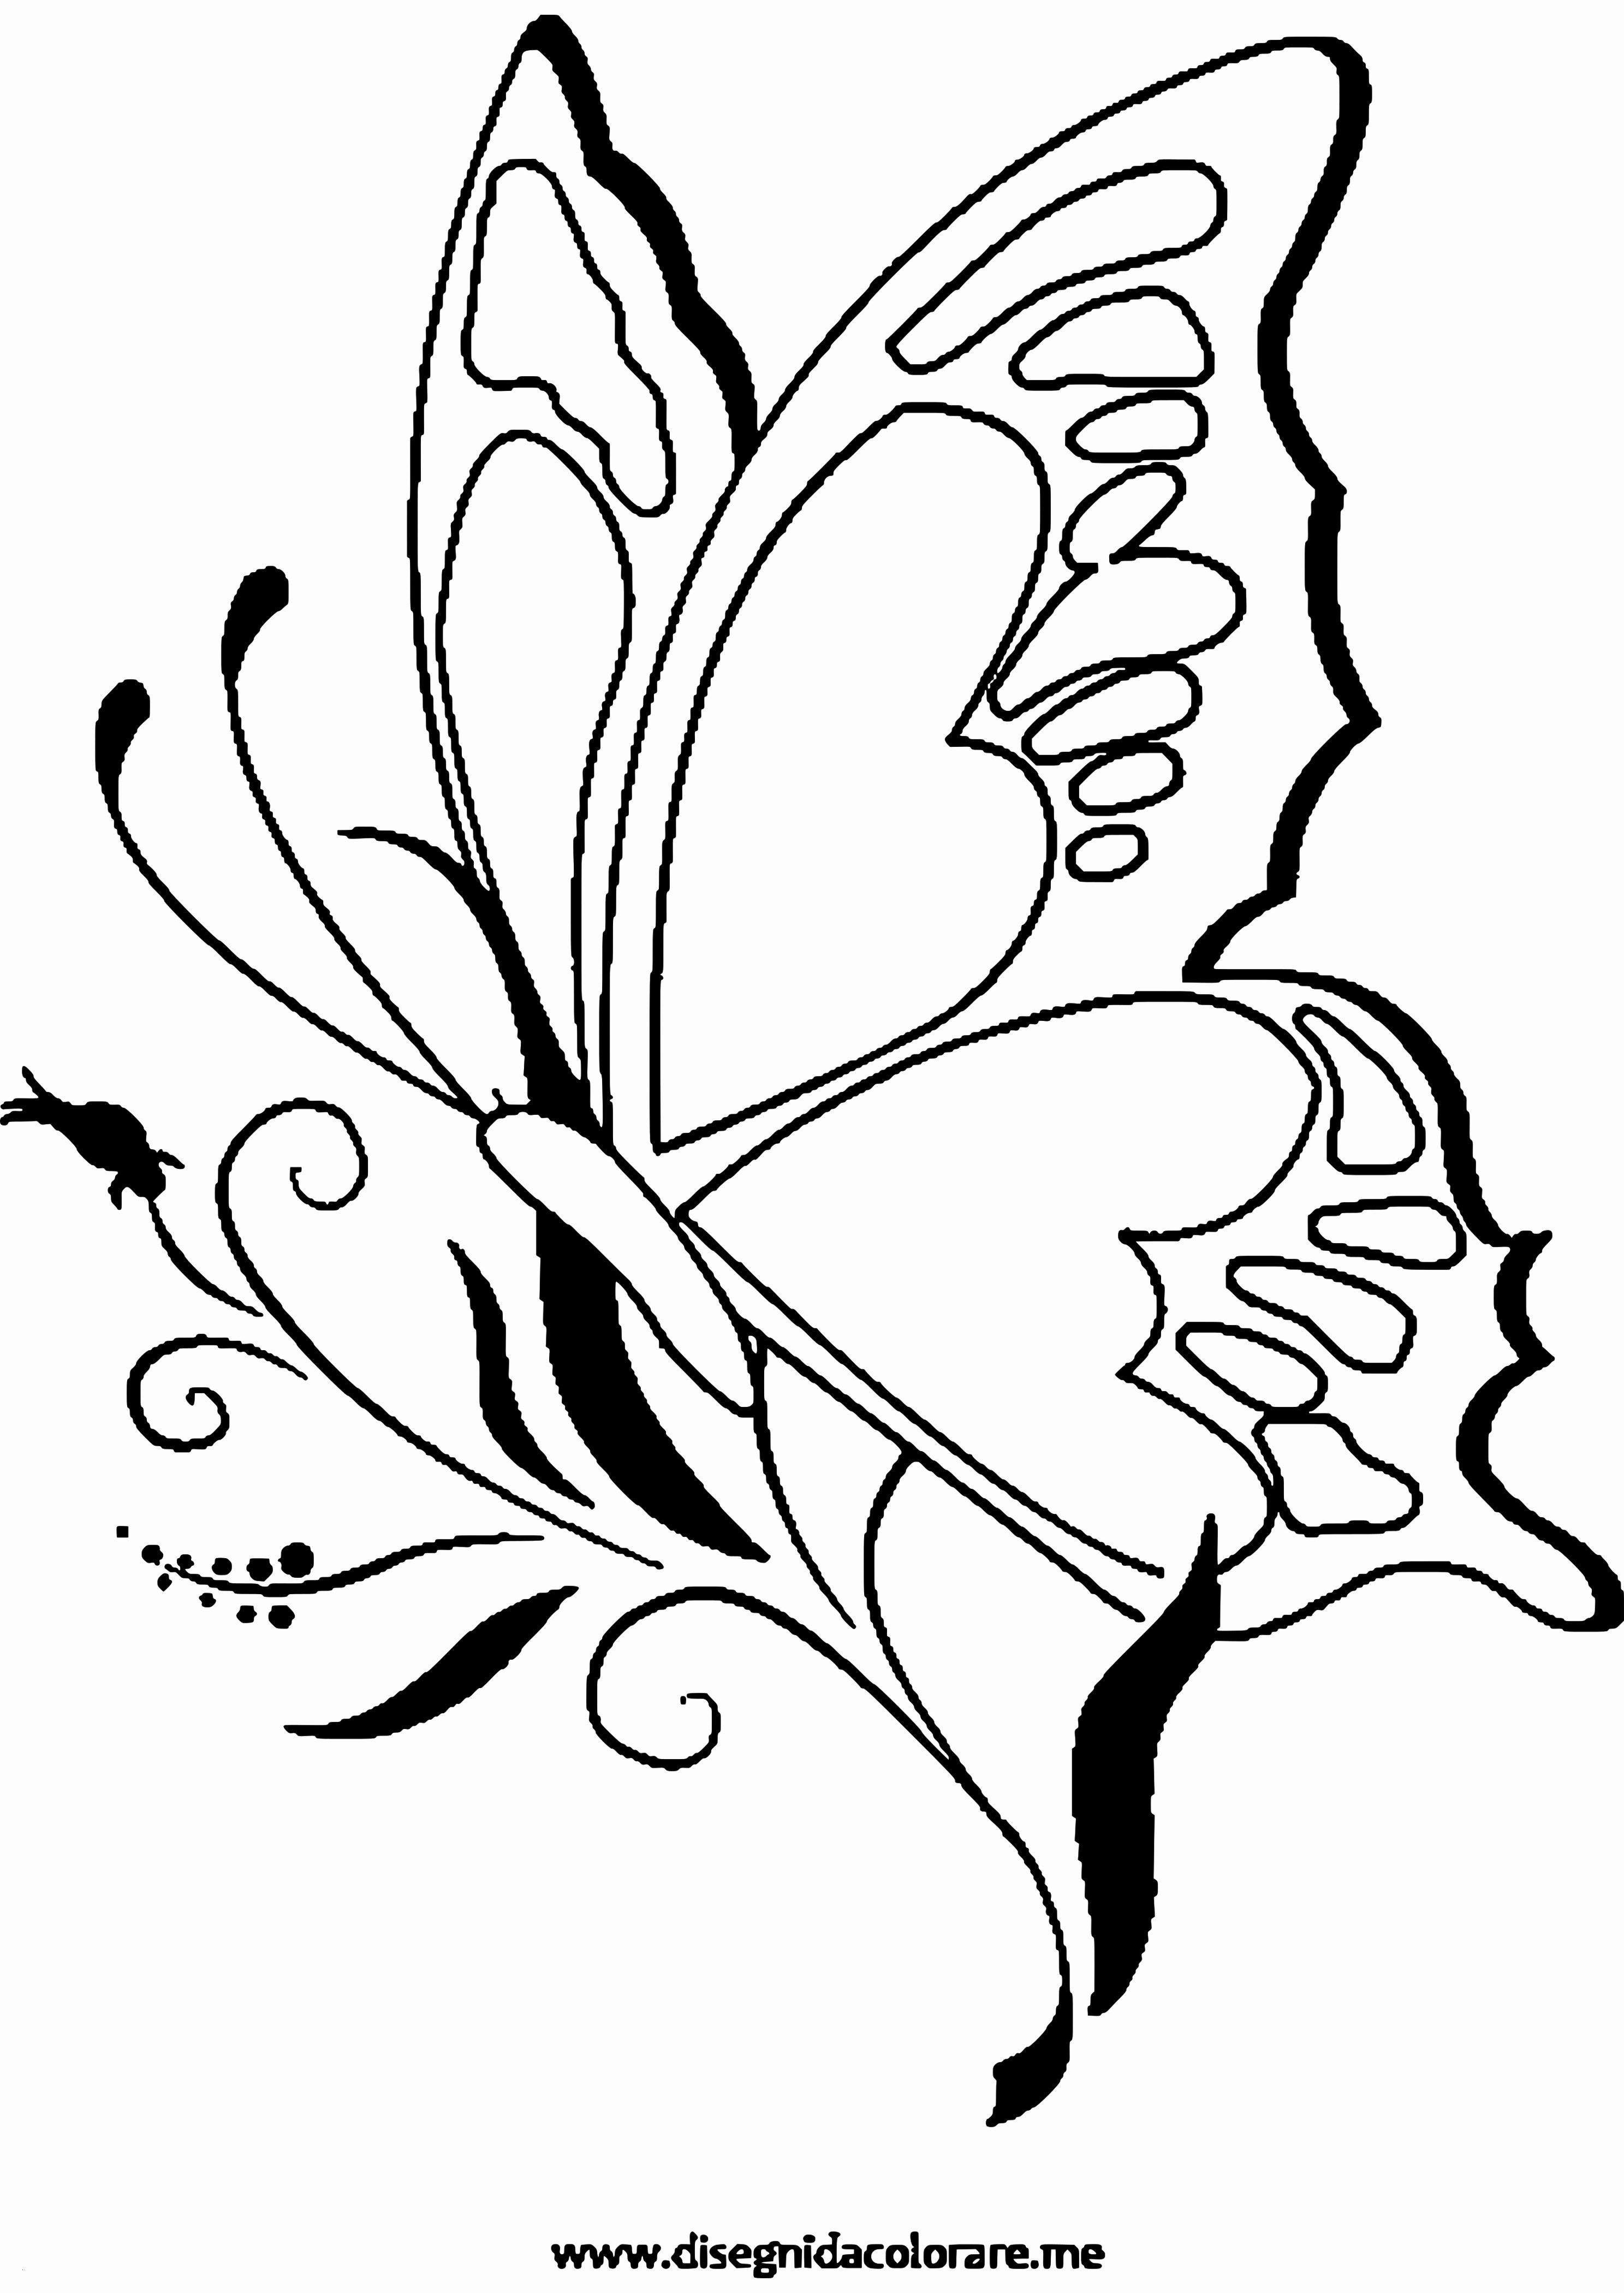 Eulen Auf ast Malvorlagen Inspirierend 40 Kostenlose Ausmalbilder Schmetterling Scoredatscore Inspirierend Bild